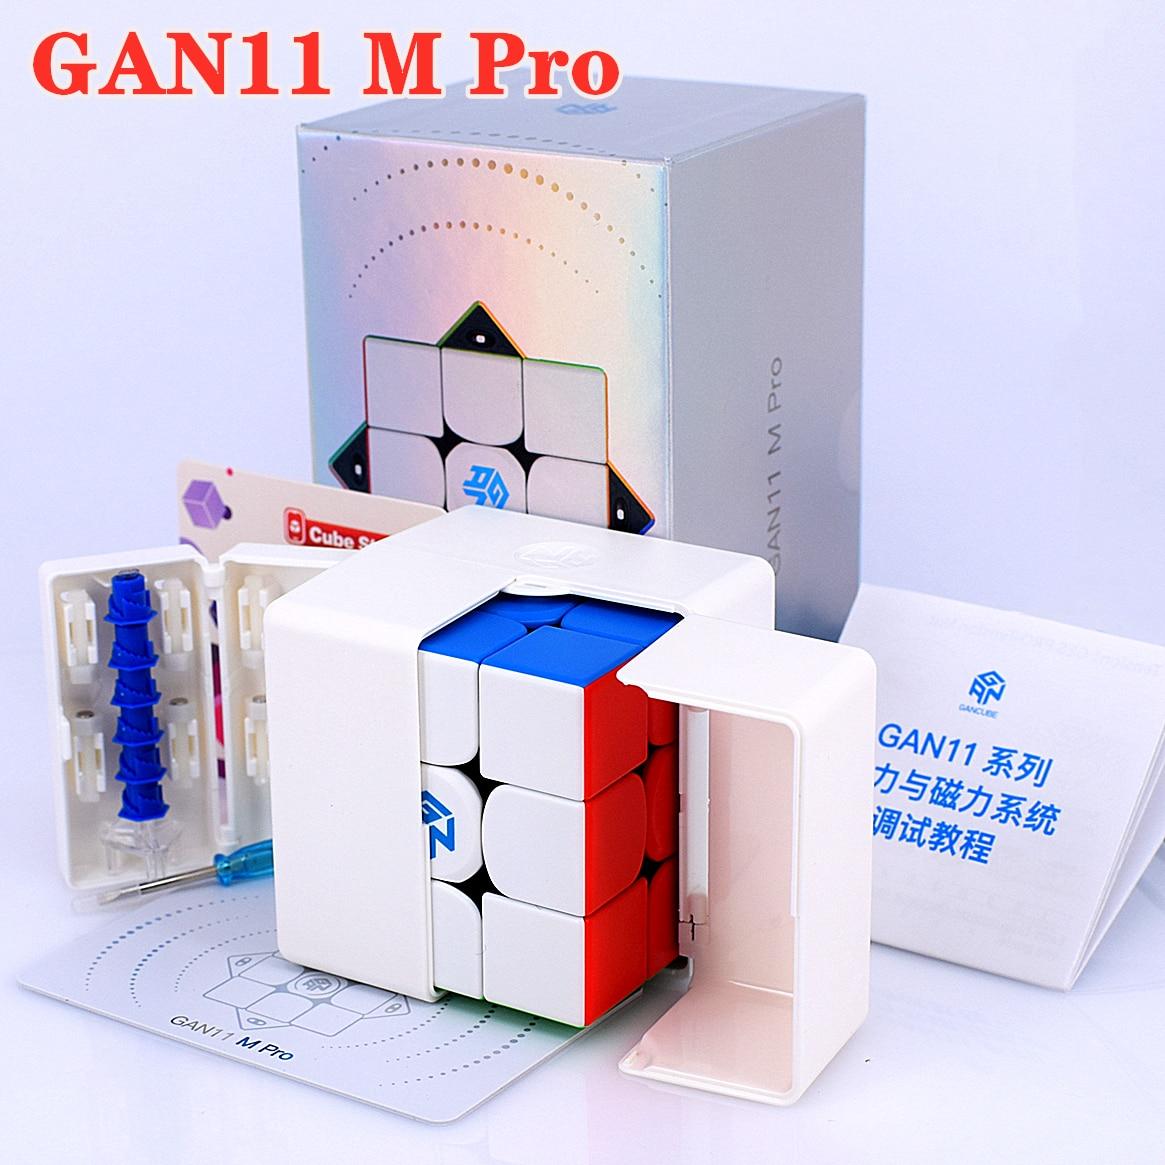 GAN11 M 프로 마그네틱 3x3x3 매직 큐브 3x3 스피드 큐브 GAN 11 M 퍼즐 큐브 GAN11M Cubo magico GAN 11 M Pro